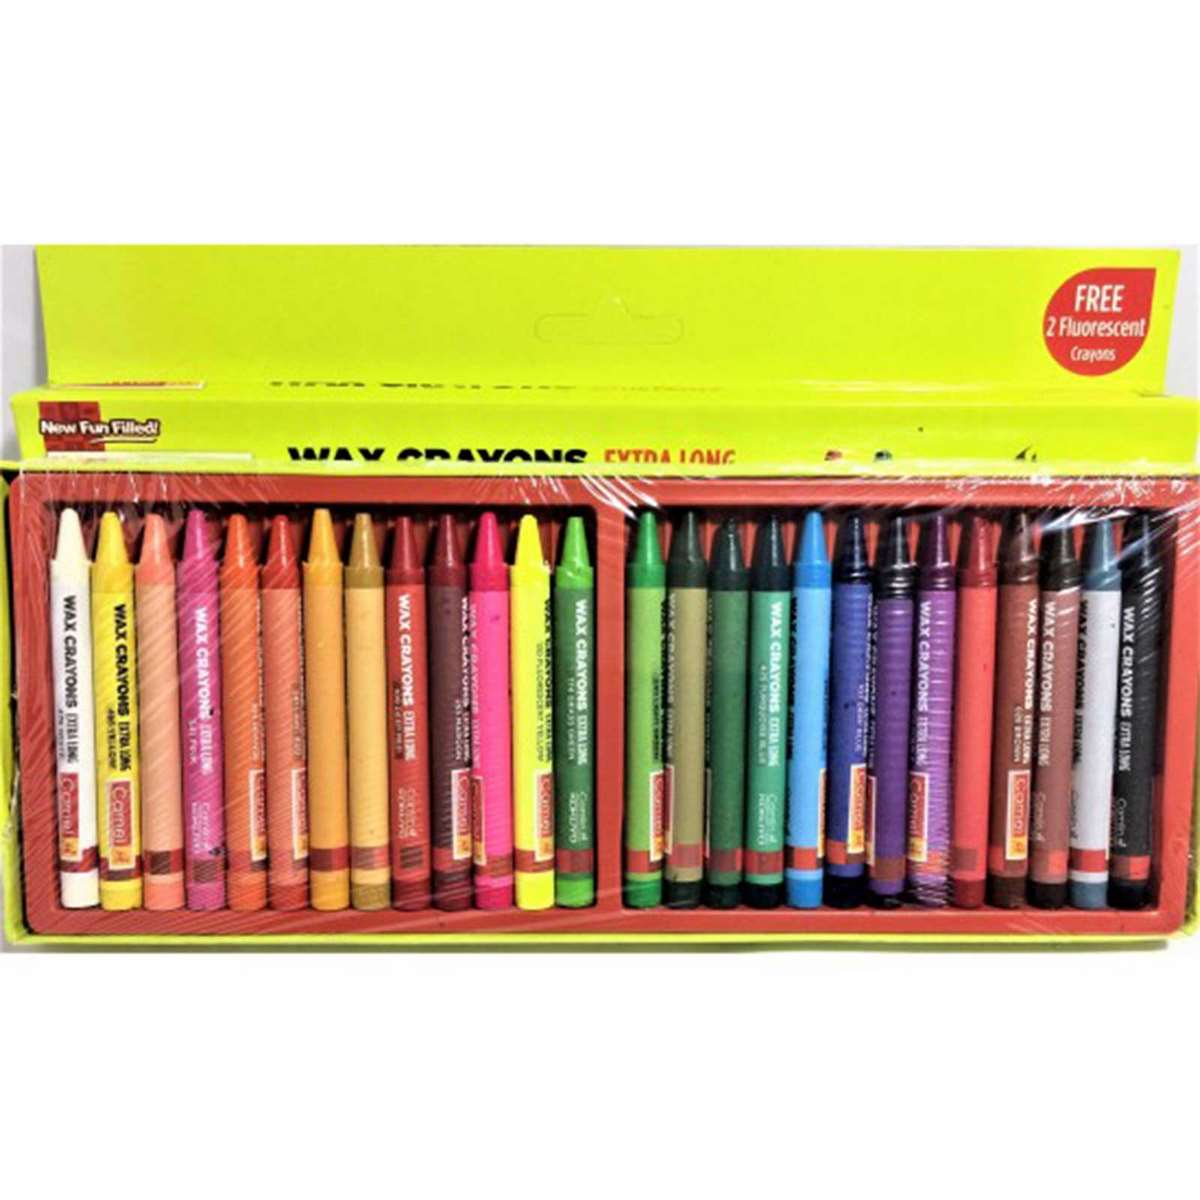 Camlin Wax Crayons Extra Long 452252